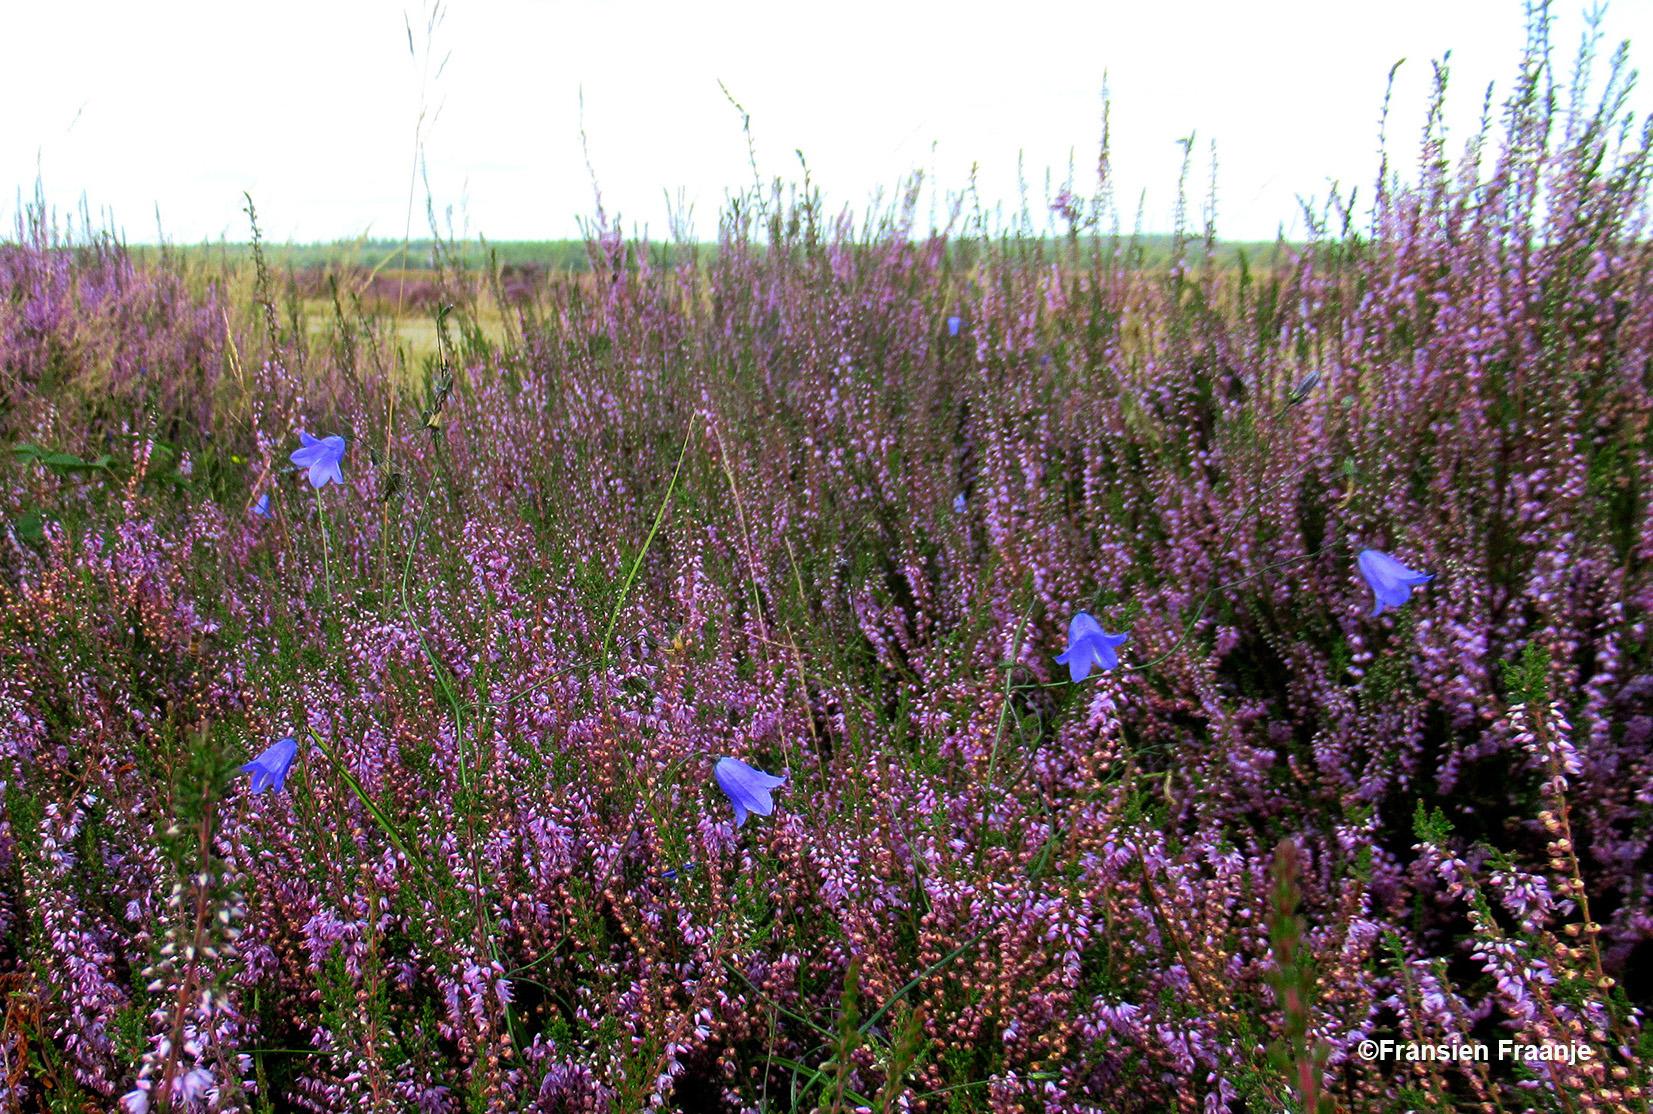 Maar als we even later deze prachtige blauwe Grasklokjes ontdekken in de heide, zijn we weer helemaal blij - Foto: ©Fransien Fraanje